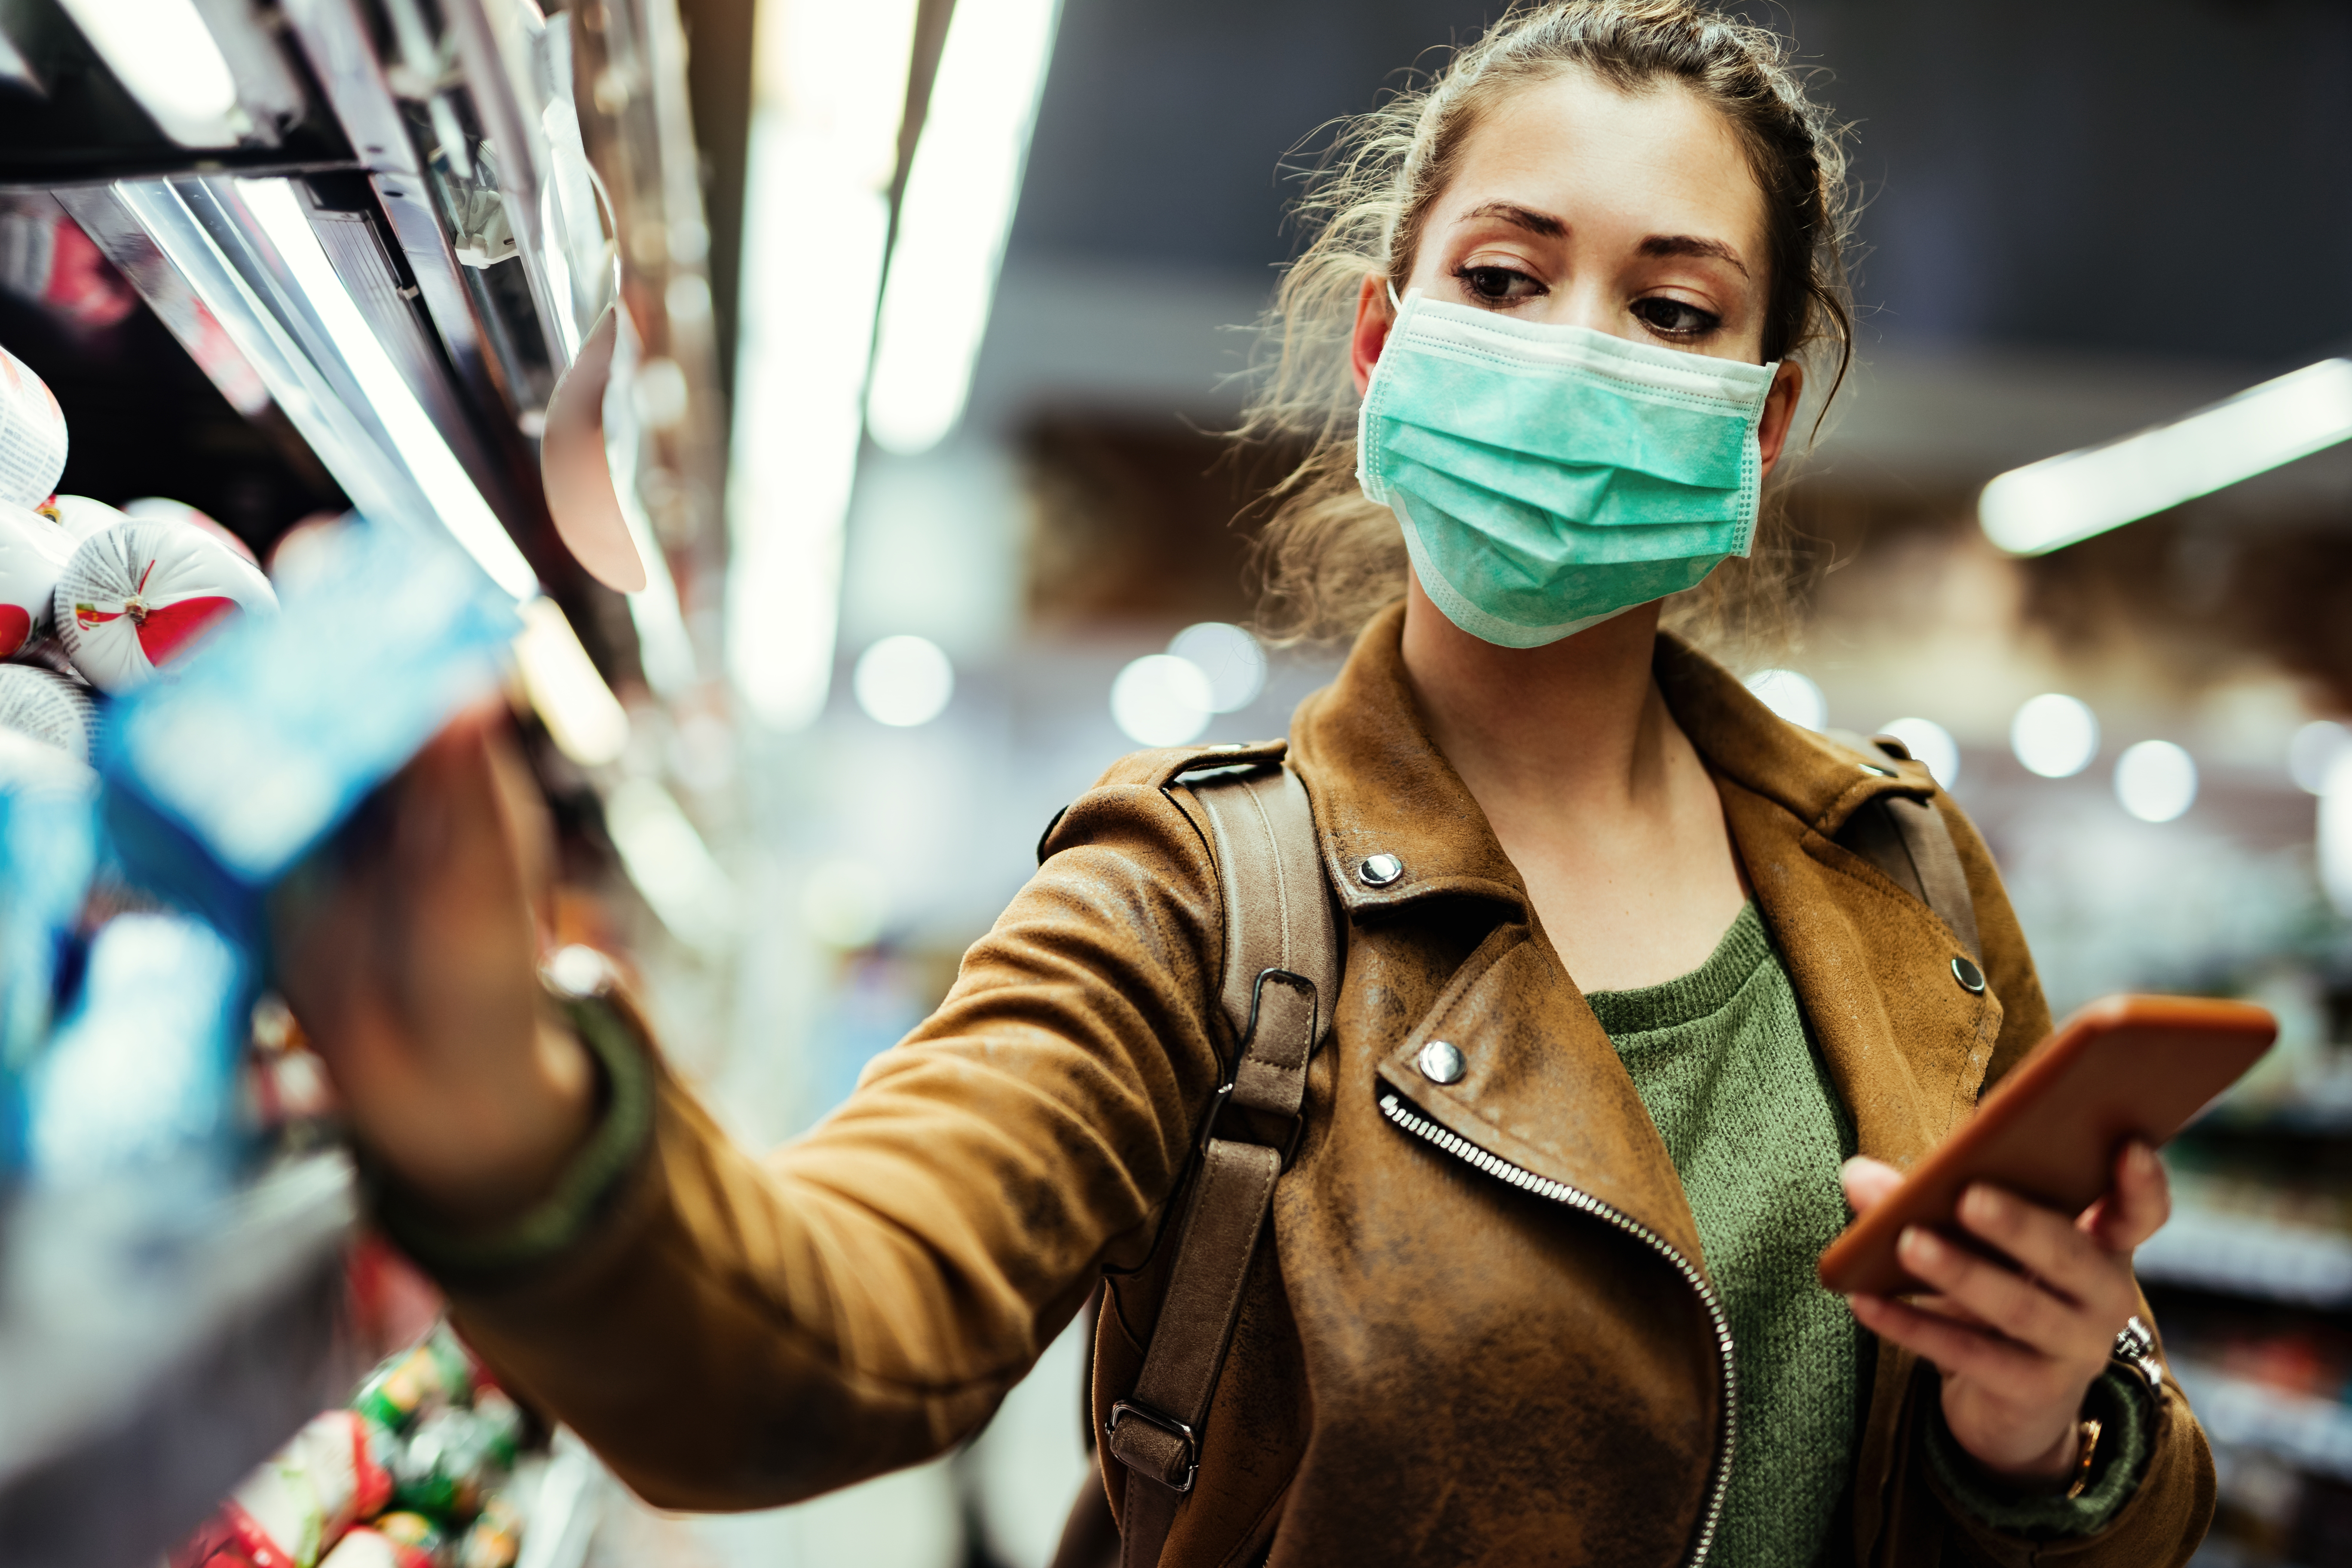 shopping during pandemic